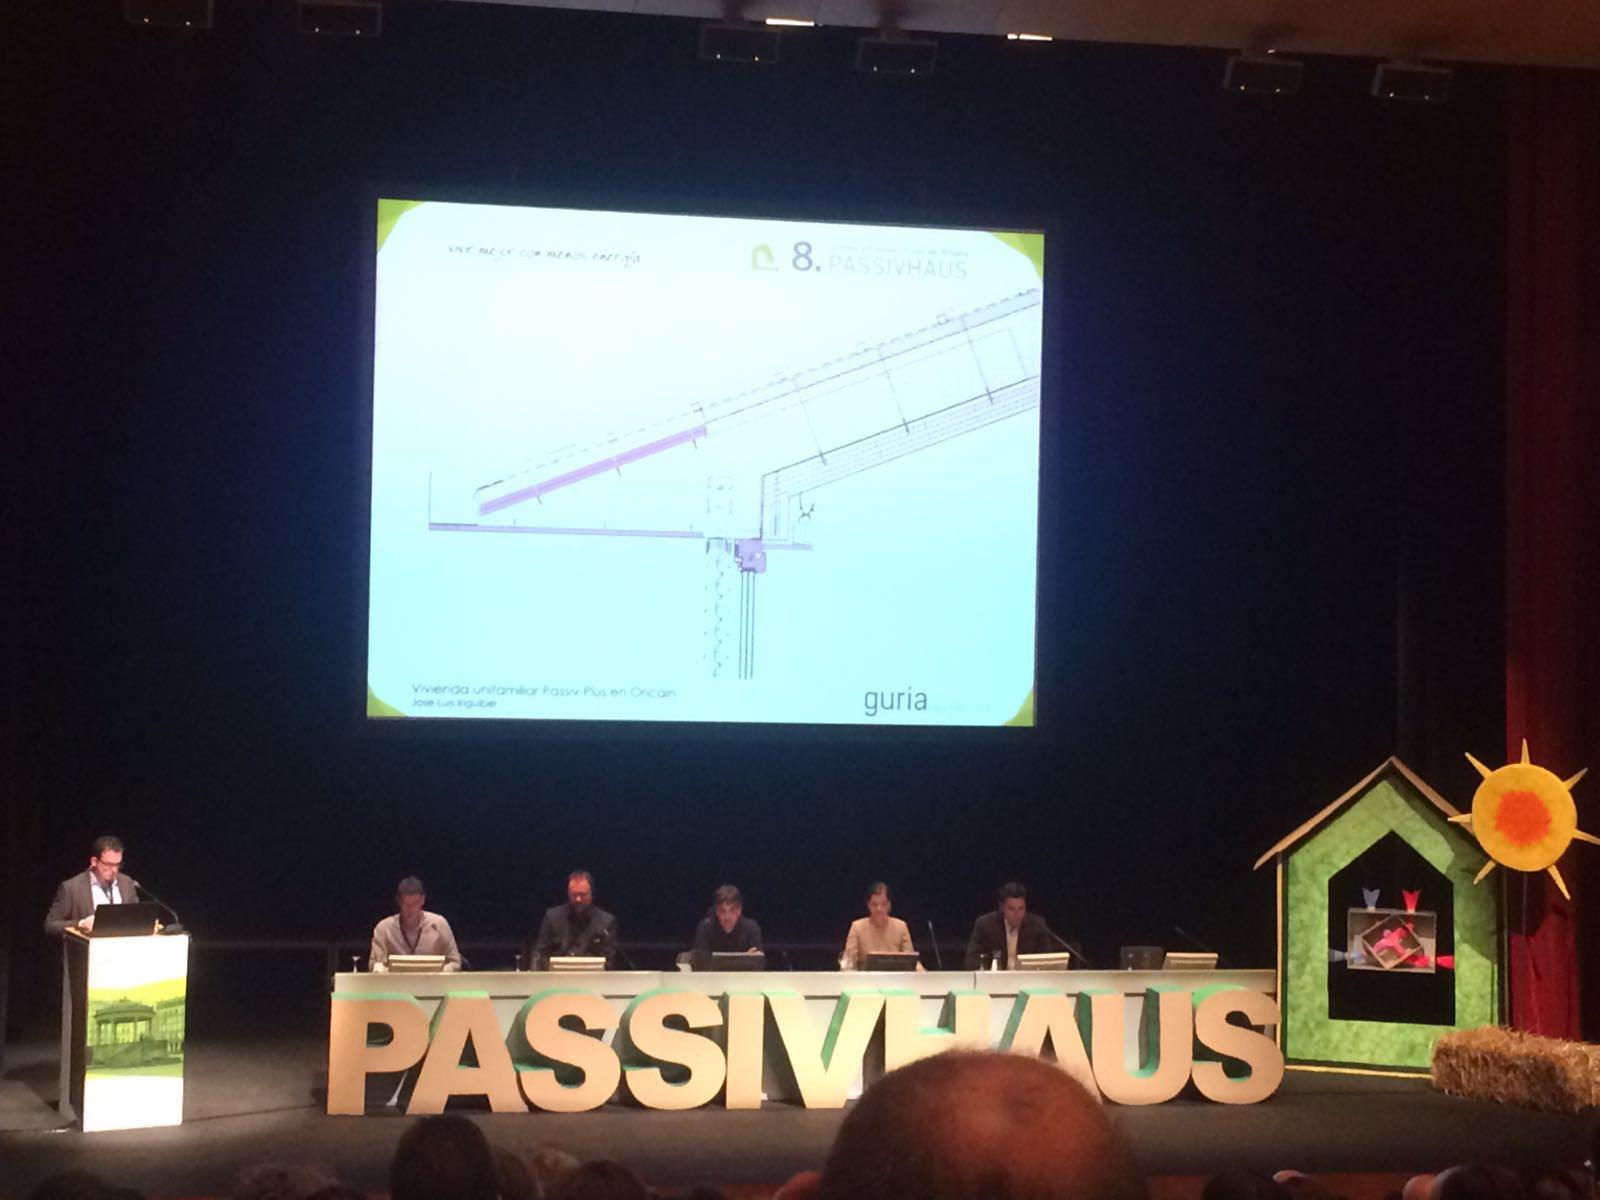 passivhaus-guria-1